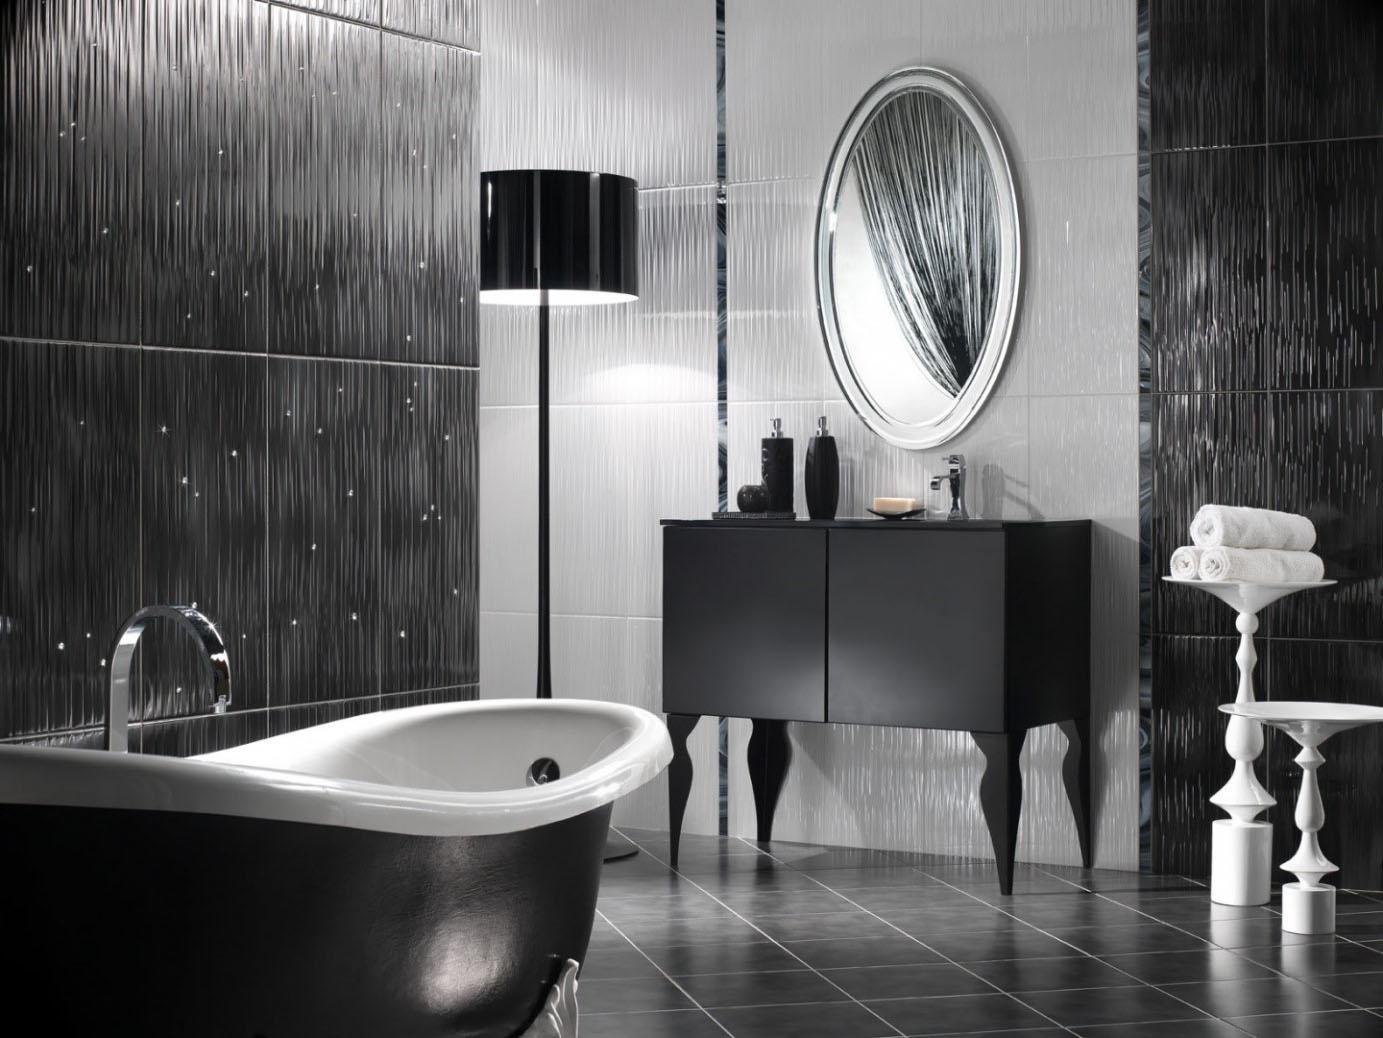 Salle de bain noire texturée